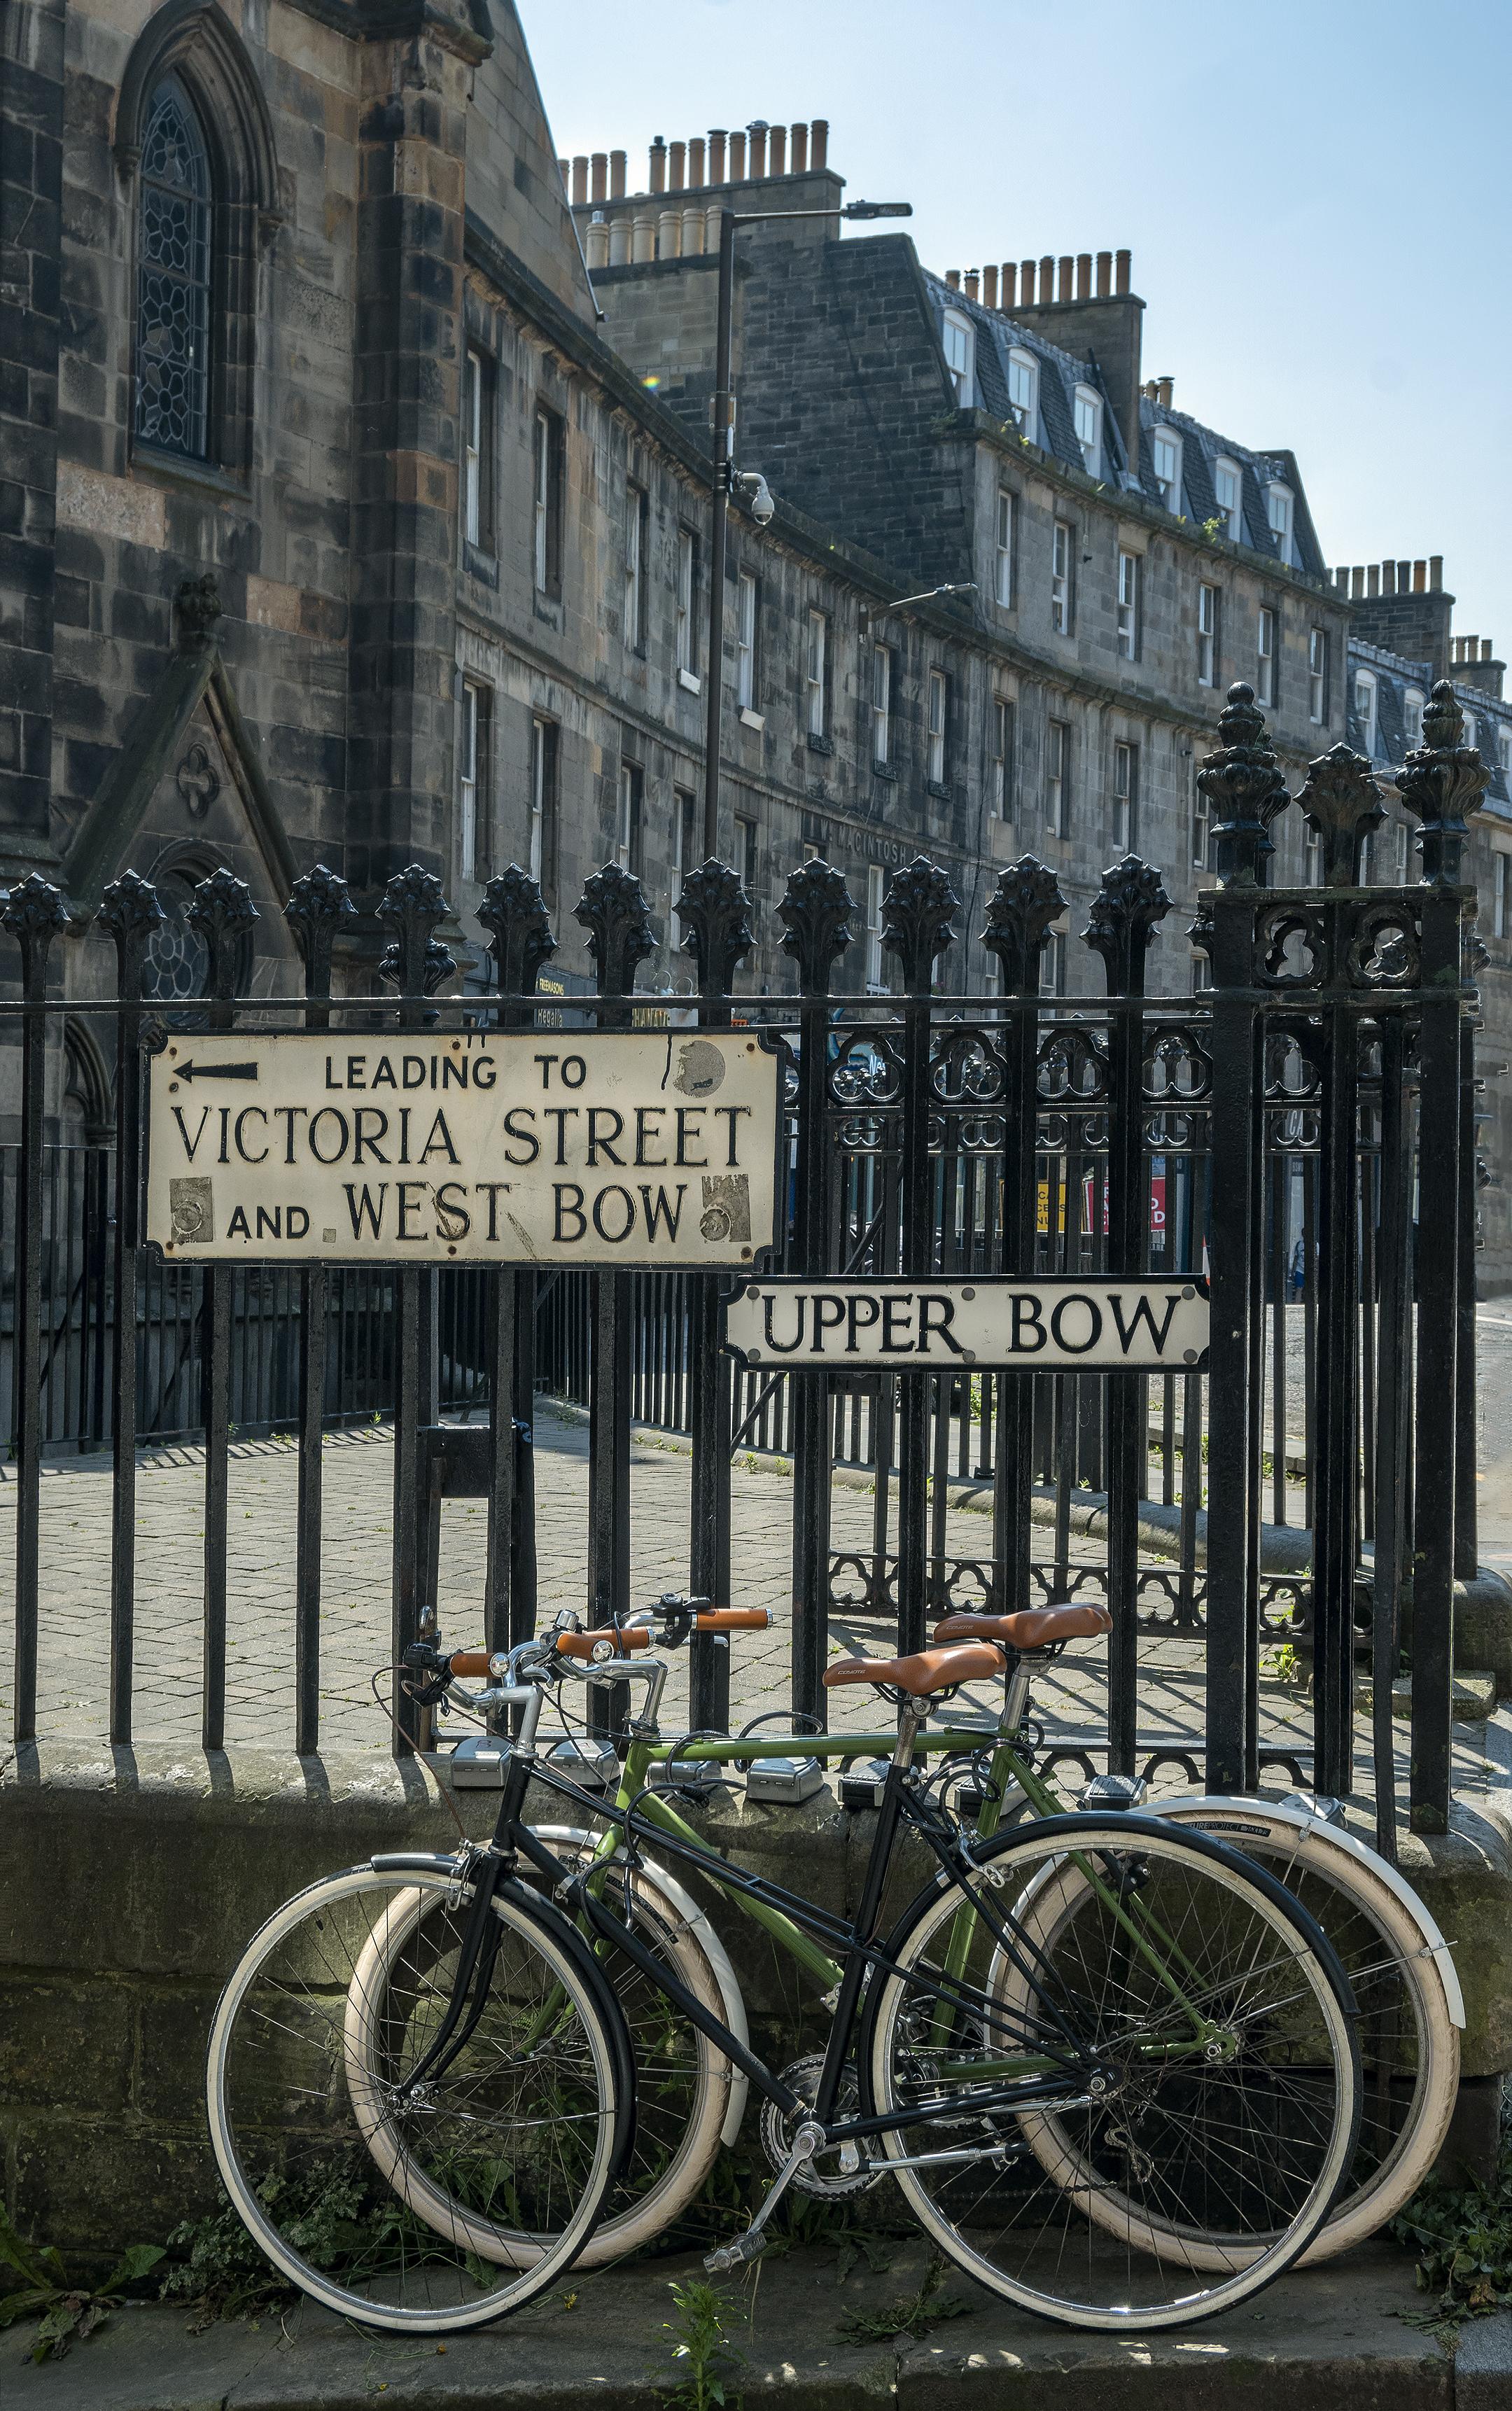 edinburgh scotland bikes upper bow